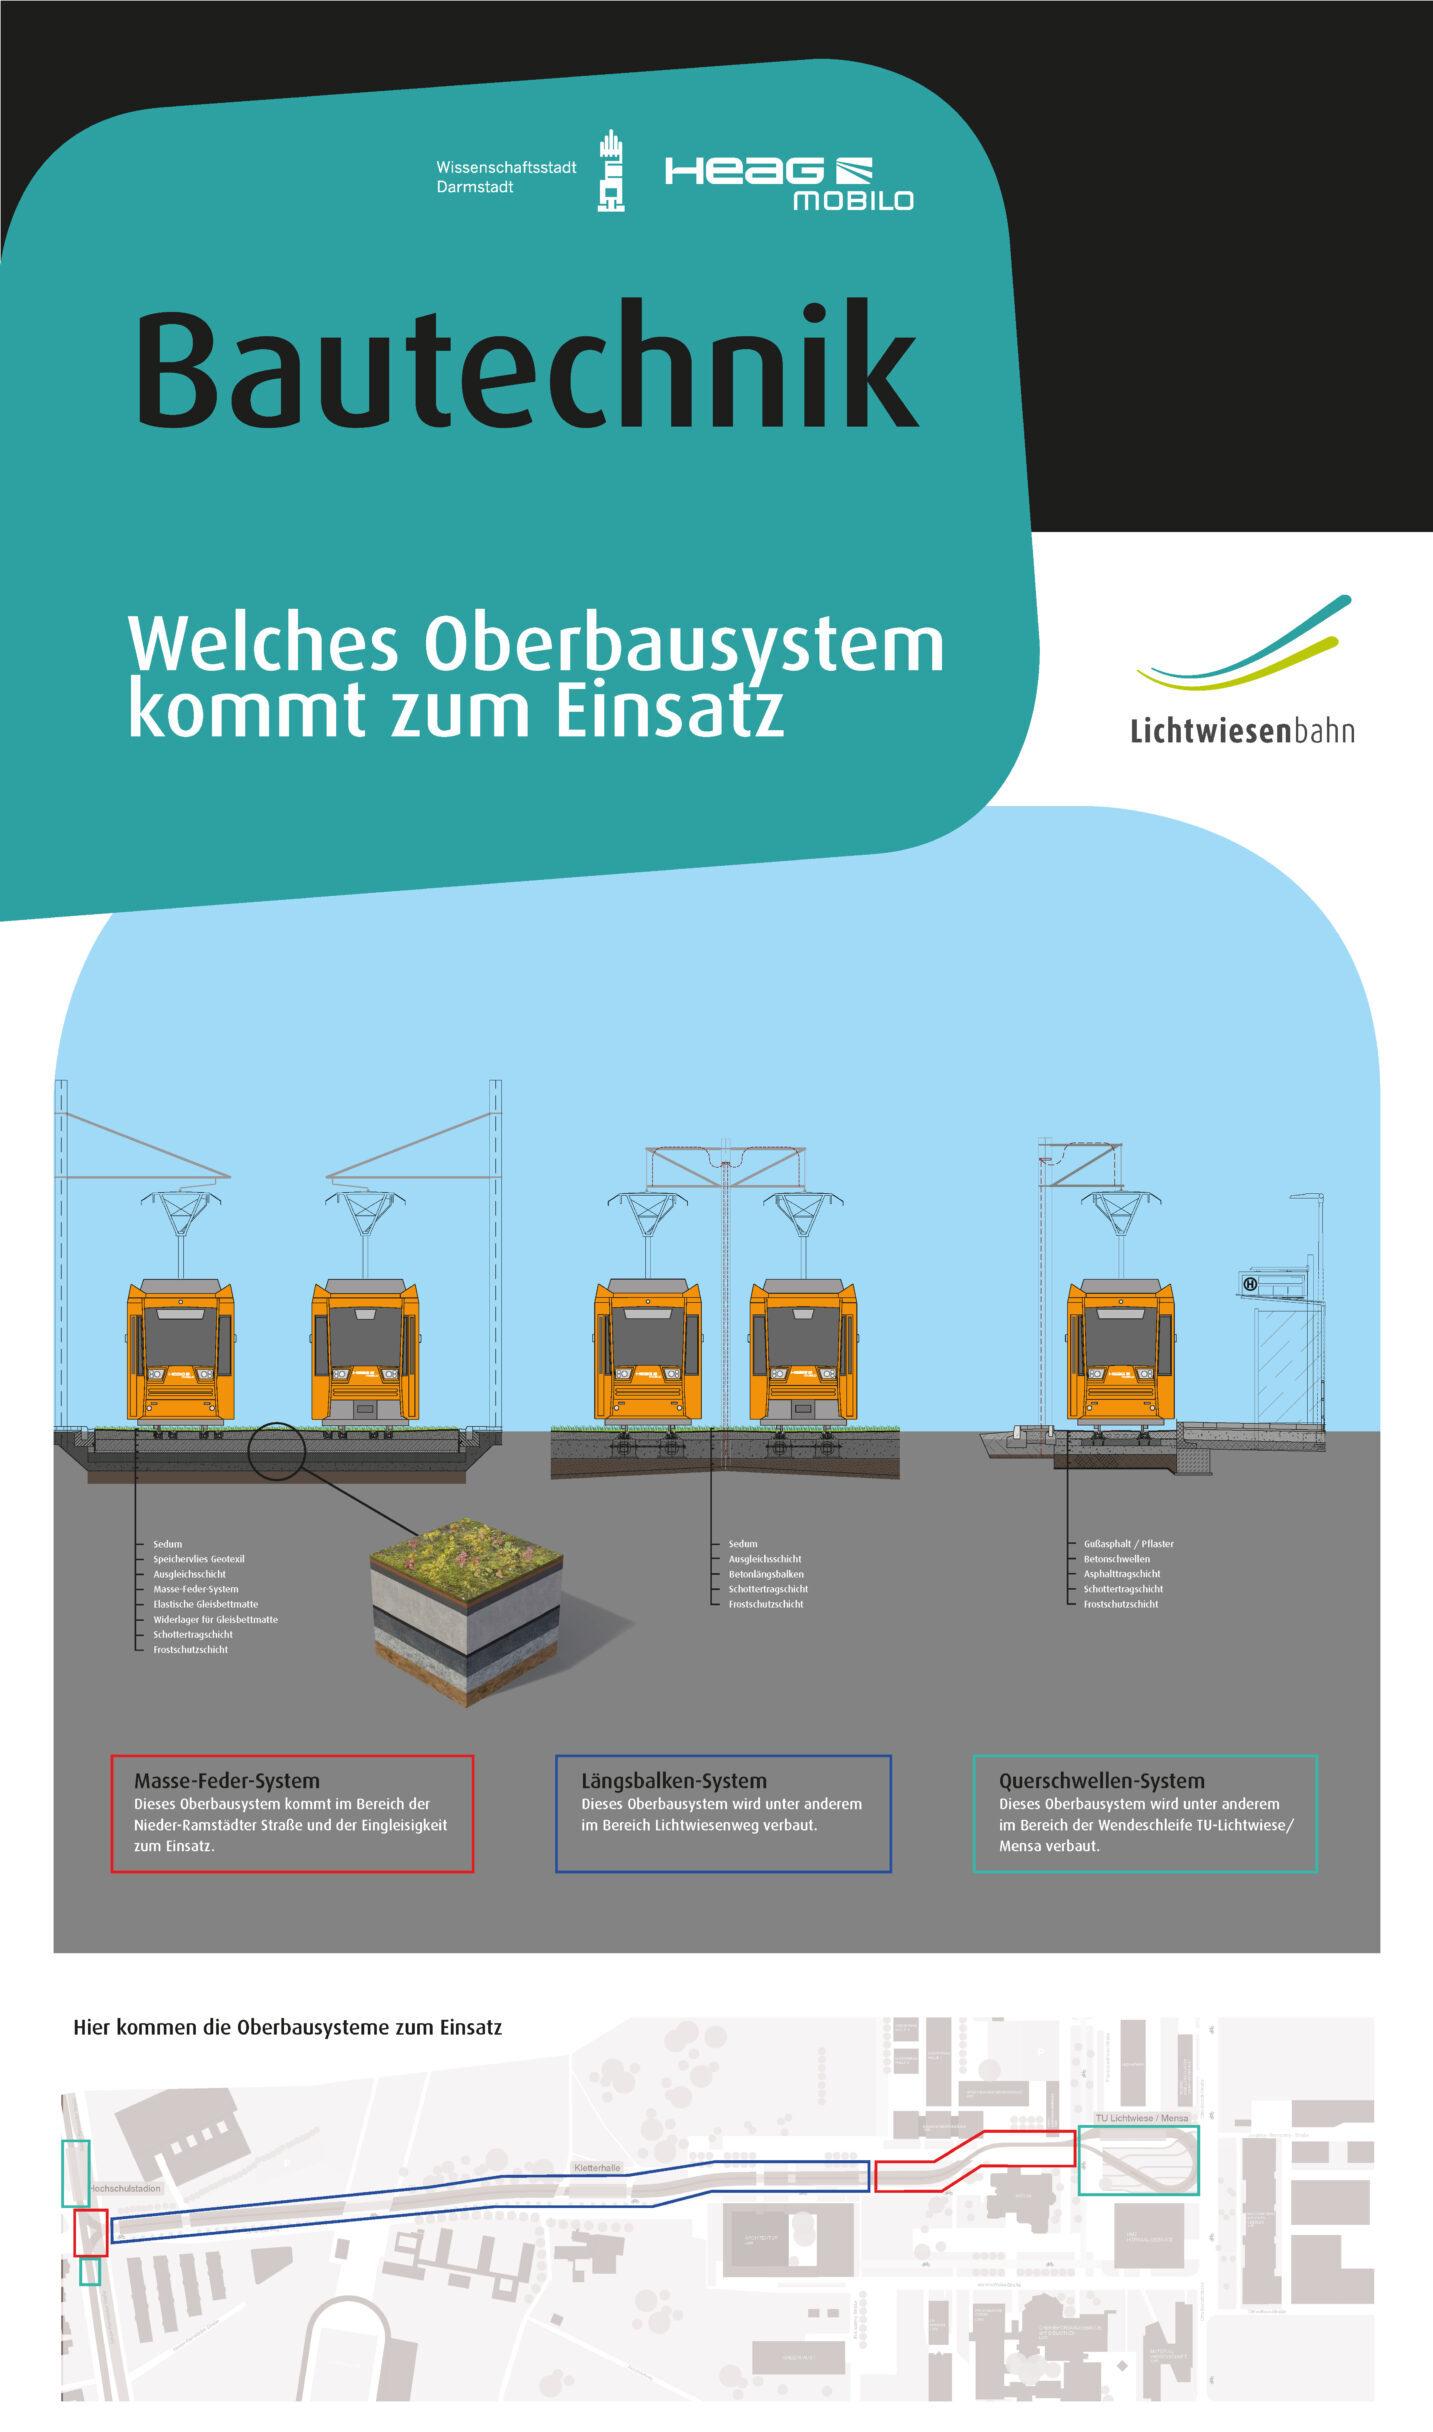 Infoplakat zu den Oberbausysteme, die bei der Lichtwiesenbahn zum Einsatz kommen.